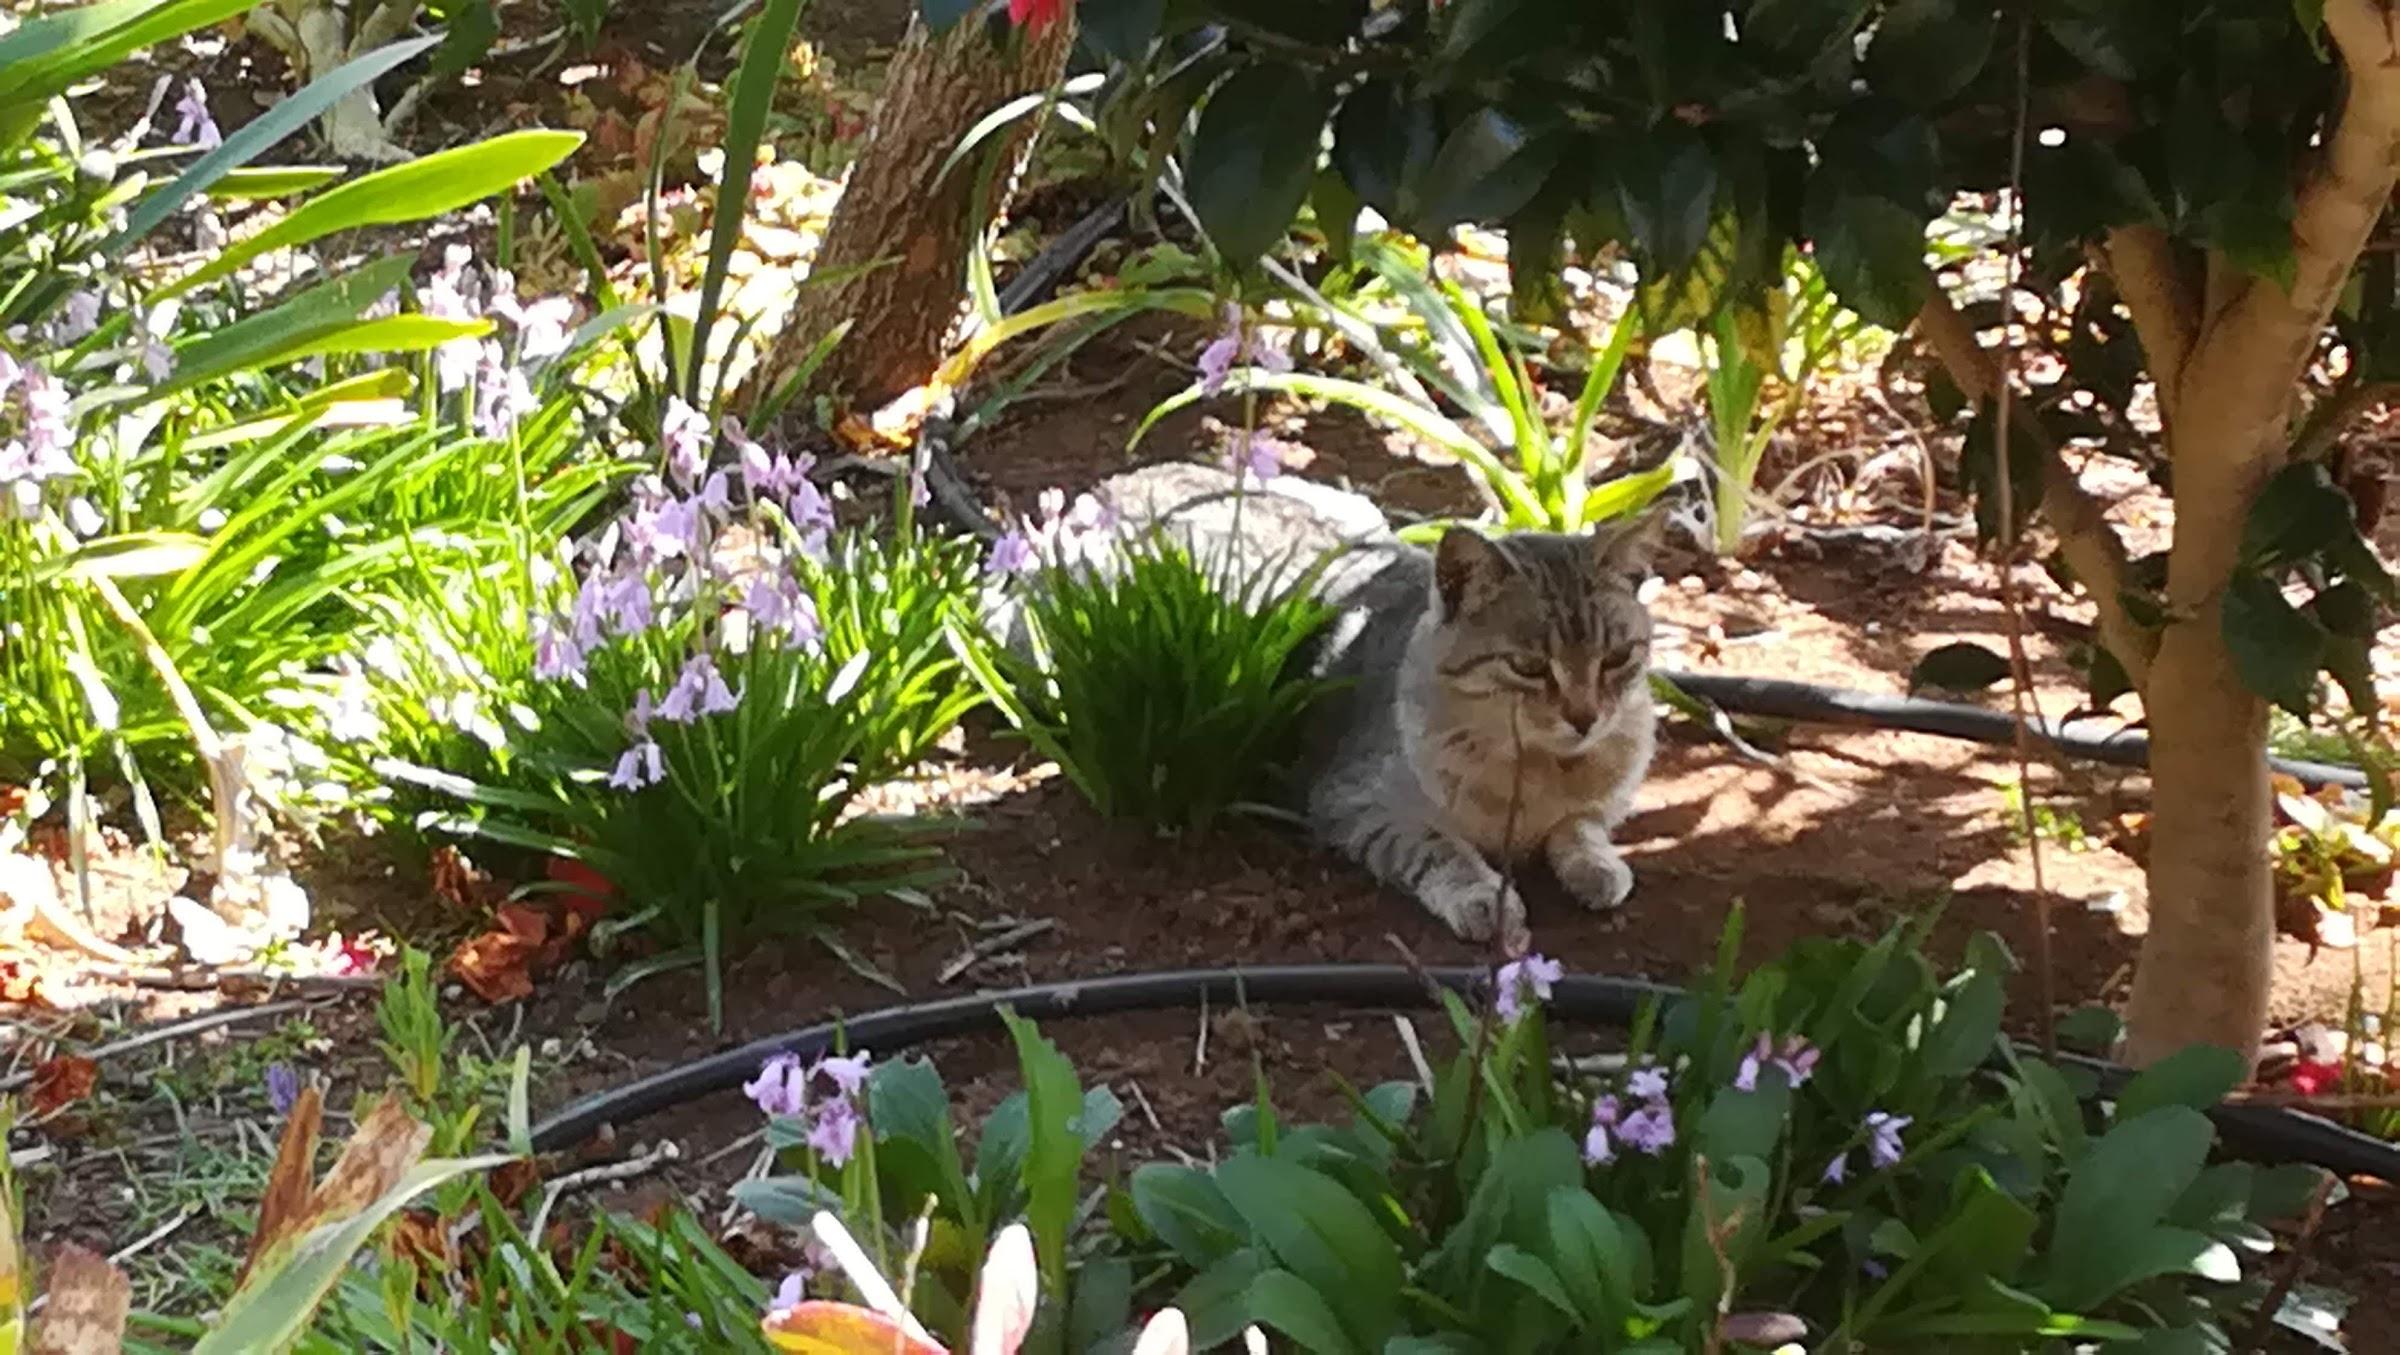 zwerfdieren op Madeira, een probleem, maar dit katertje huis de tuin muisvrij!